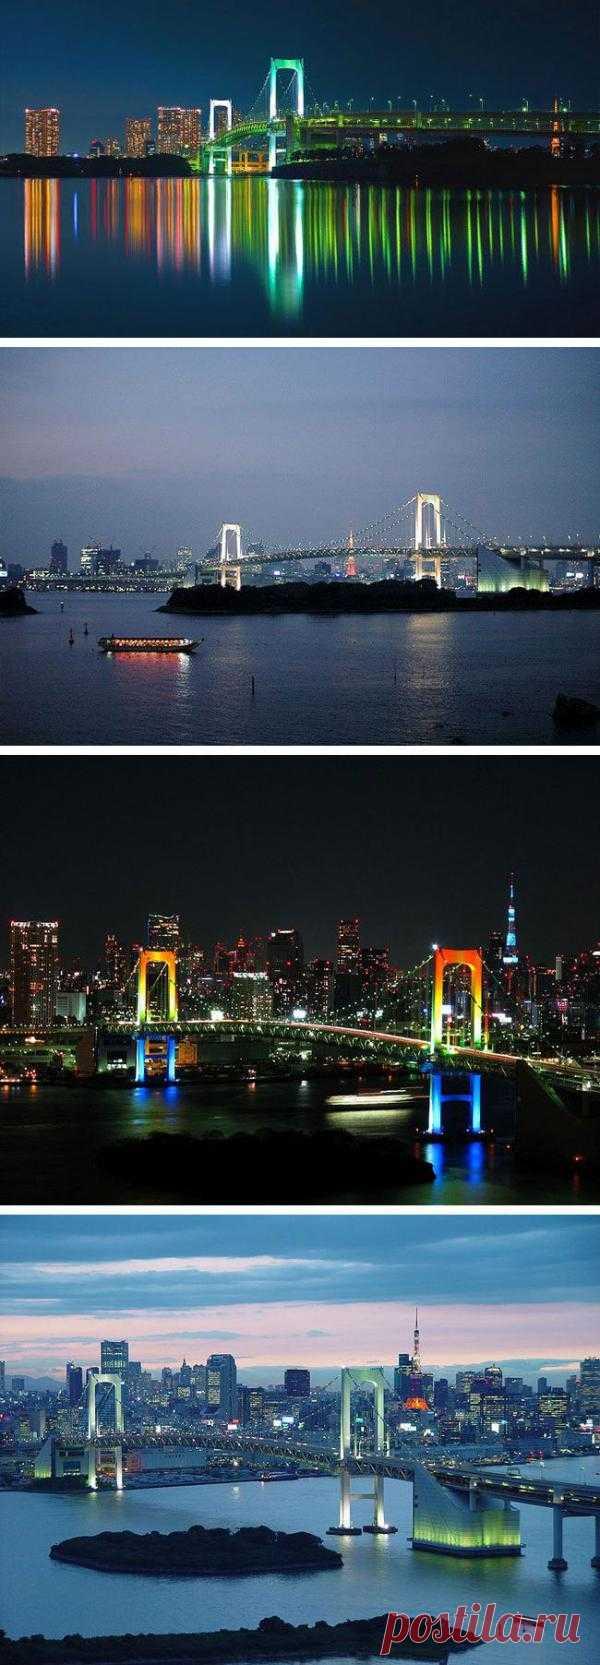 Радужный мост в Японии. На тросах держащих мост установлены лампы, которые освещают мост красным, белым и зелёным цветом каждую ночь. И зрелище это просто восхитительно.